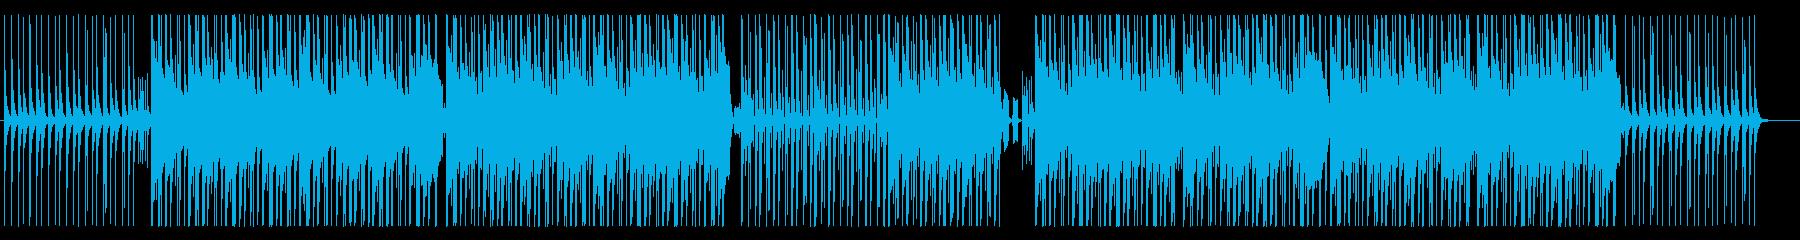 おしゃれで大人っぽいヒップホップの再生済みの波形